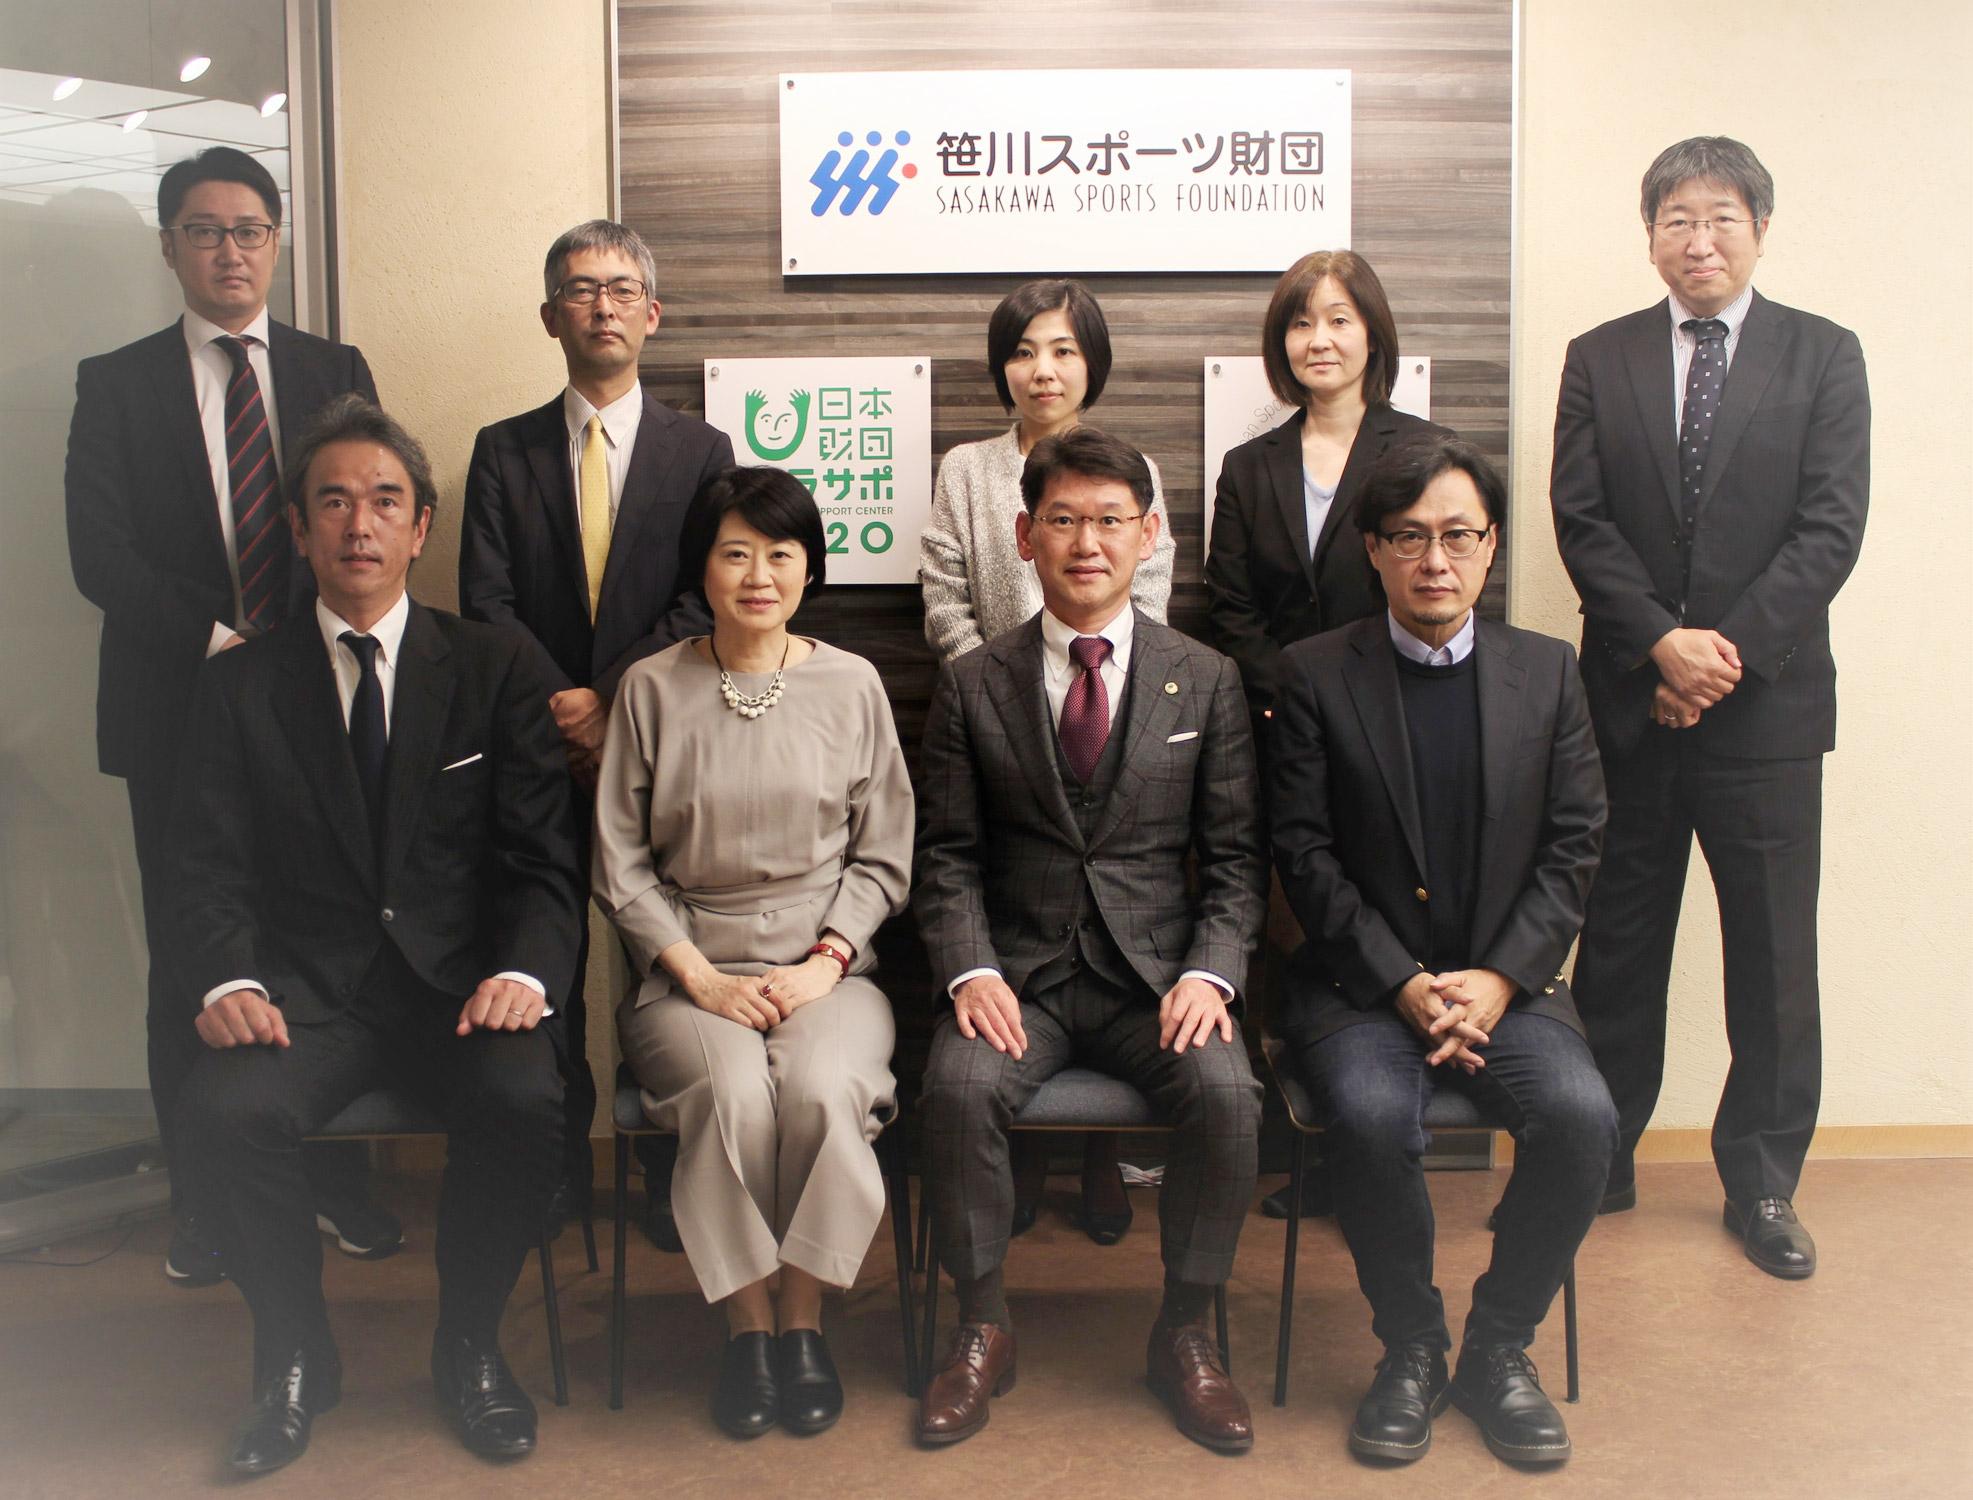 スポーツ 財団 笹川